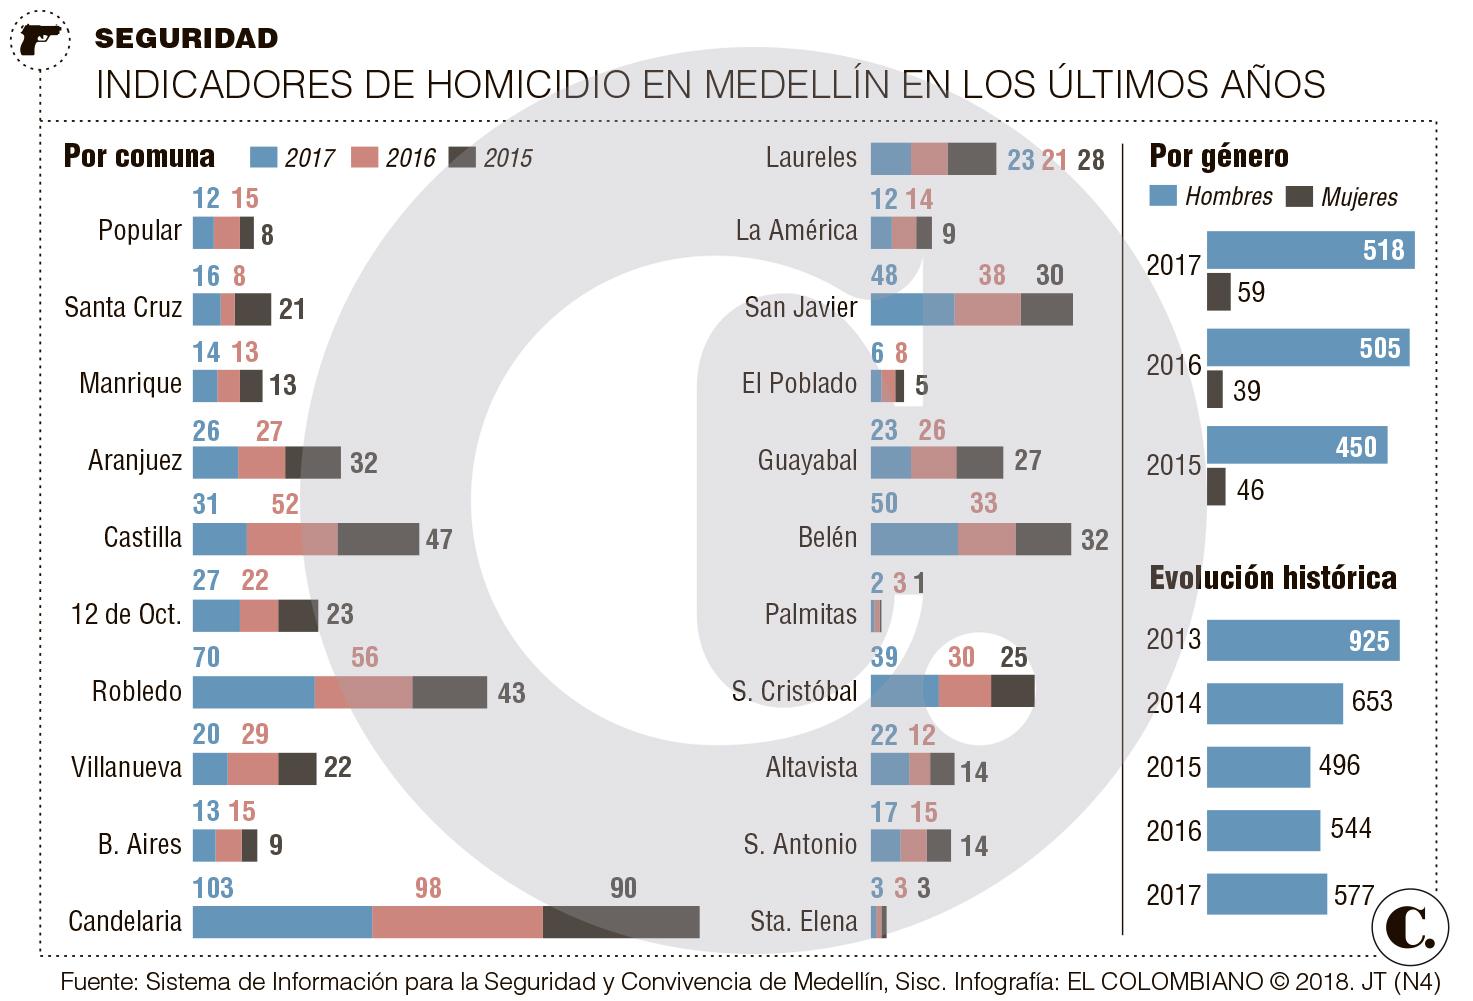 Homicidios en Medellín en 2017, ¿por qué suben?